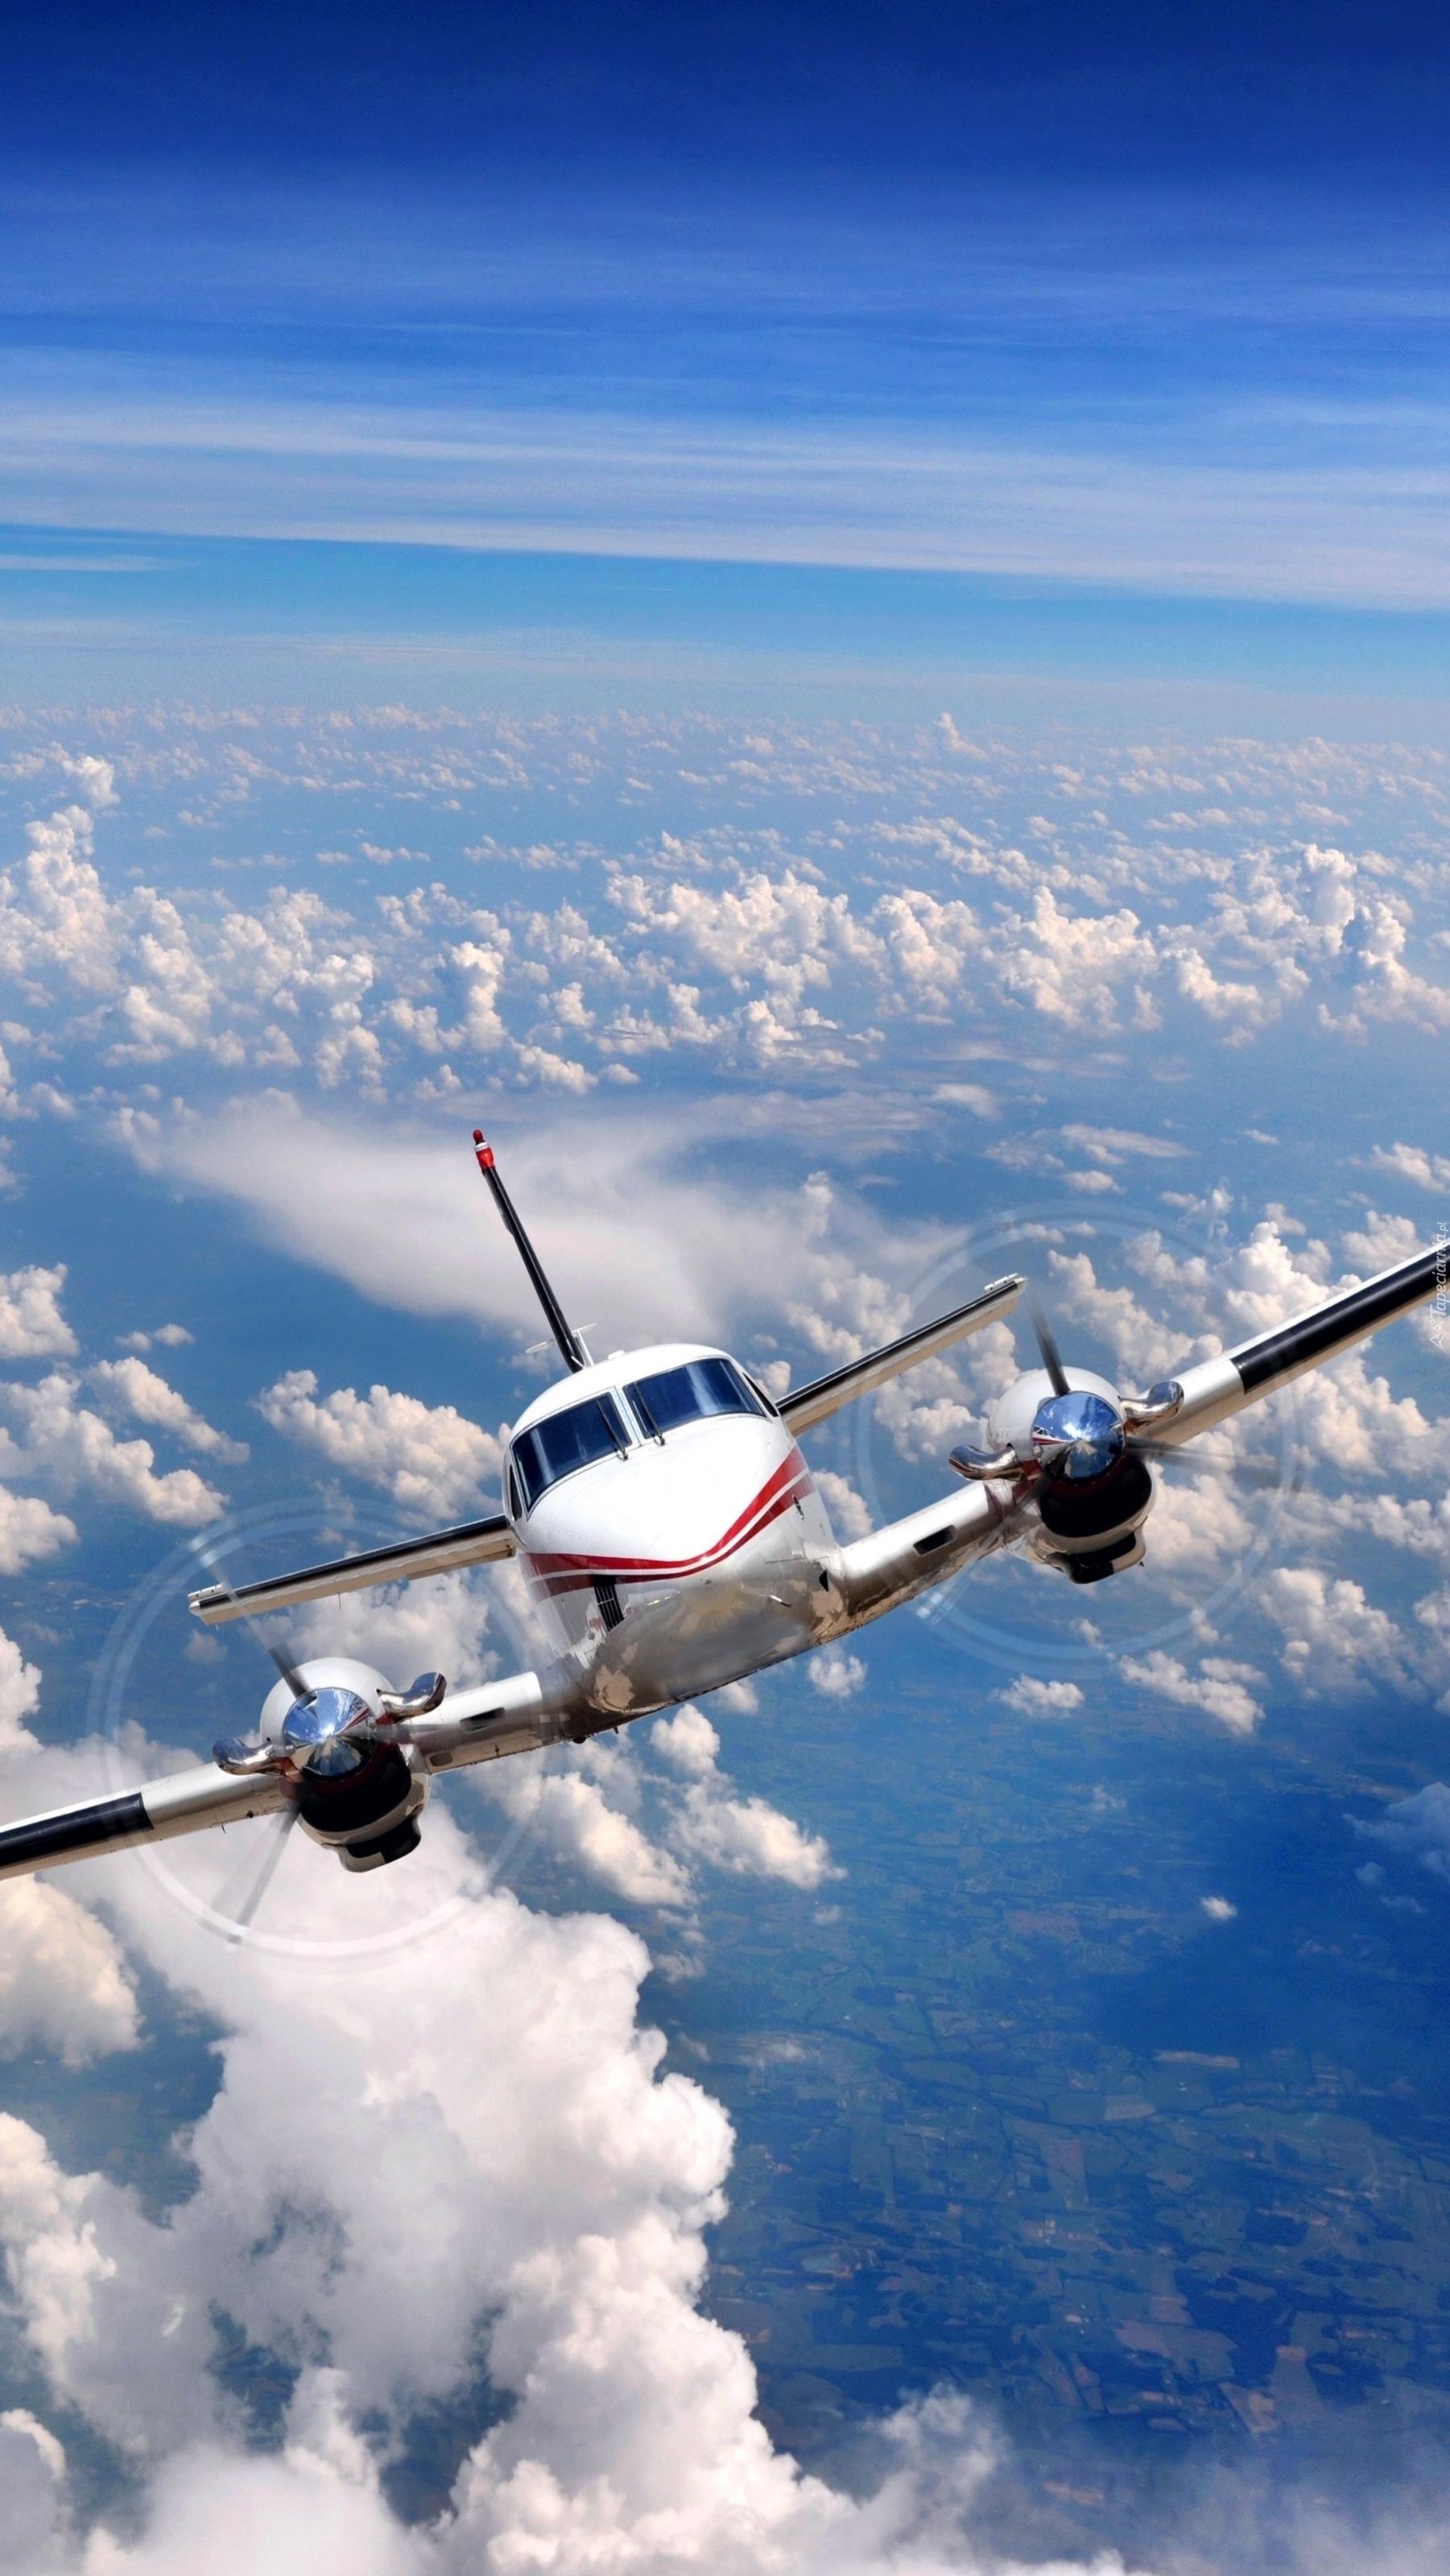 Samolot ponad chmurami